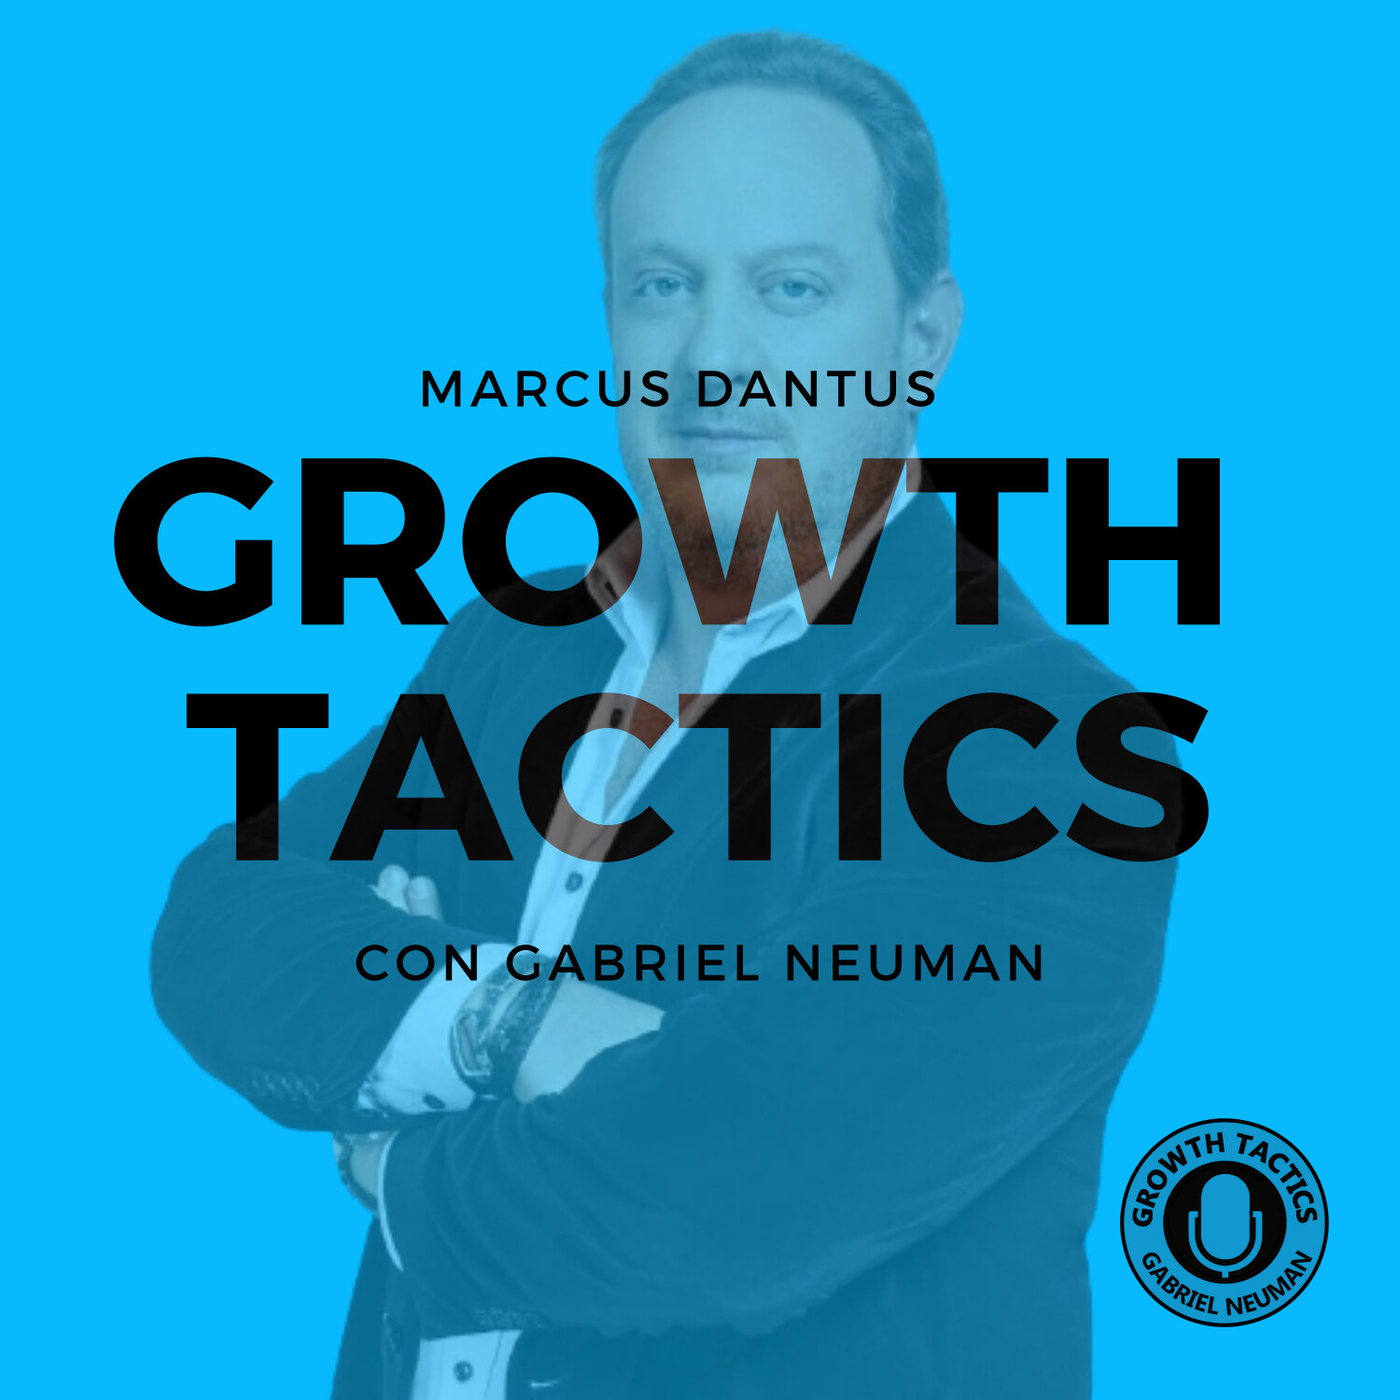 Marcus Dantus nos da su consejo para hacer crecer tu negocio. - Growth Tactics con Gabriel Neuman